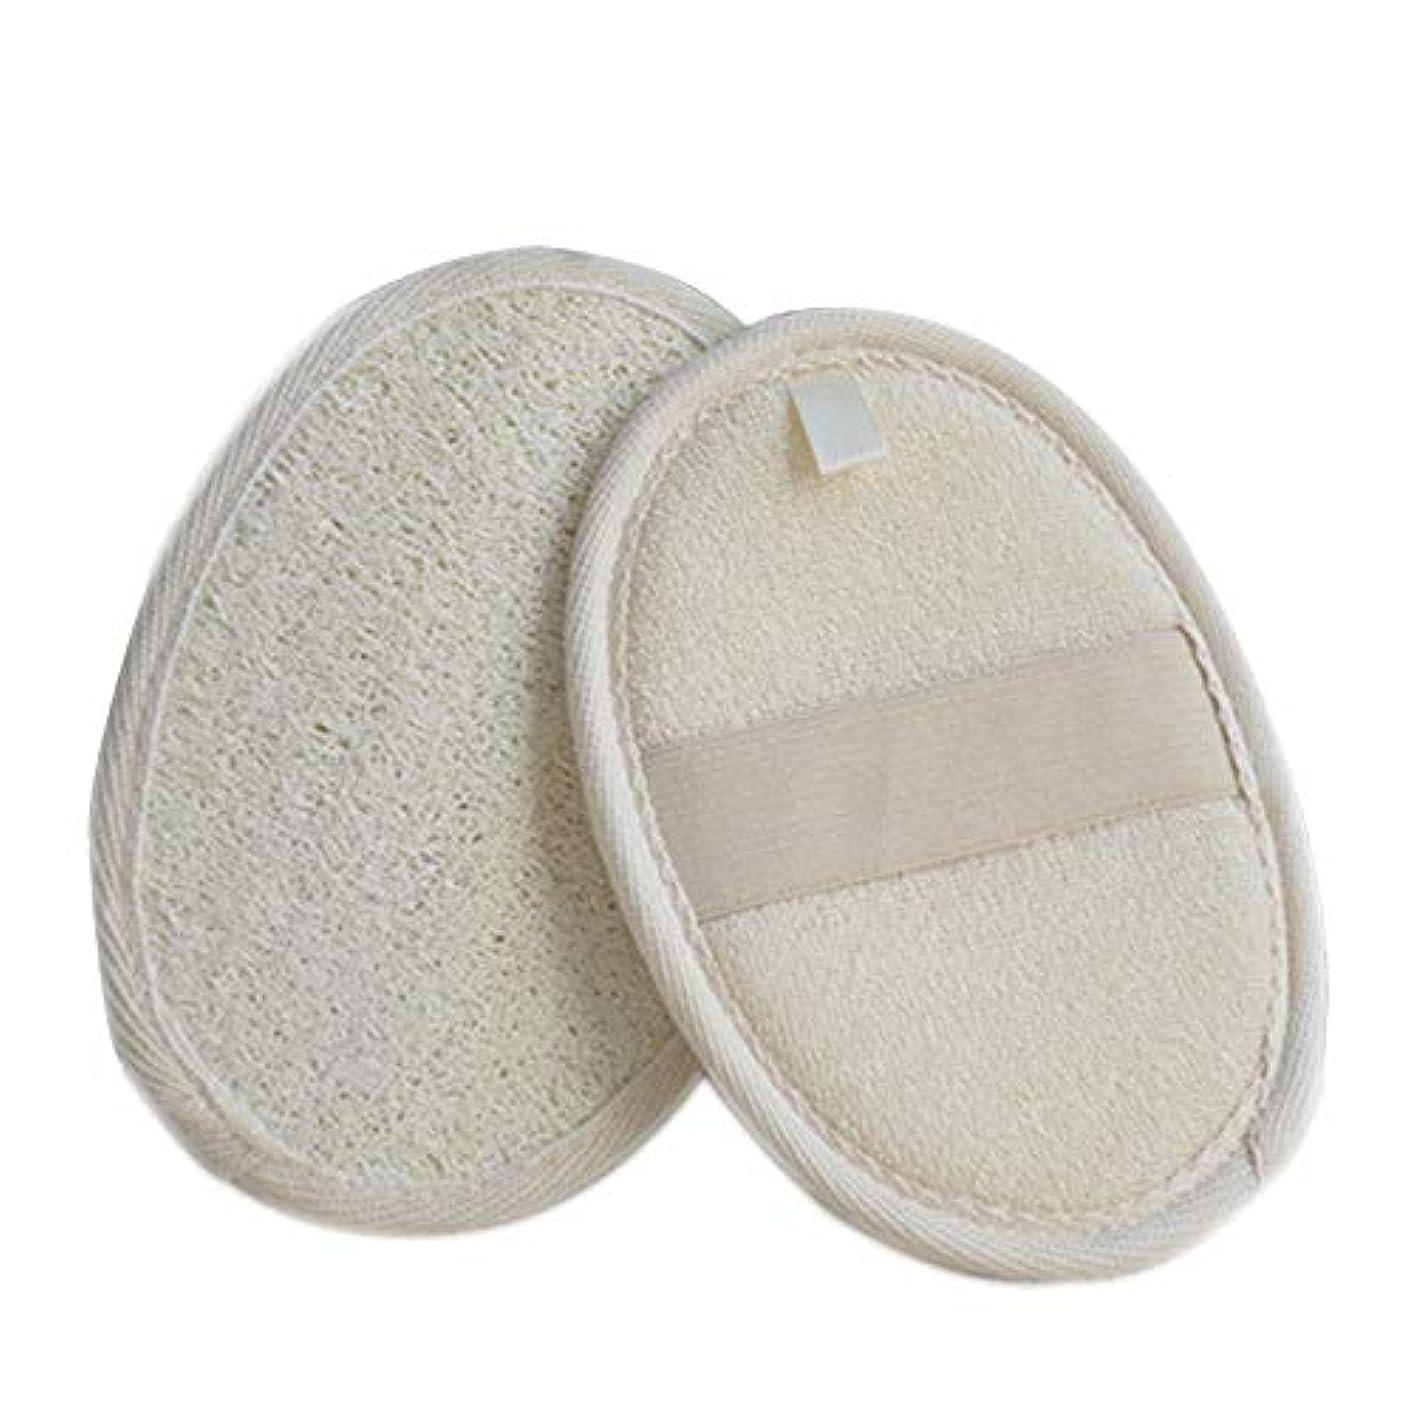 速記ファセット困惑する角質除去ヘチマスポンジ、ヘチマパッド100%天然毛ブラシの男性と女性は、顔/ボディ用スキン、シャワー/お風呂クリームのスキンケア製品を締め洗浄保湿ボディの4セット